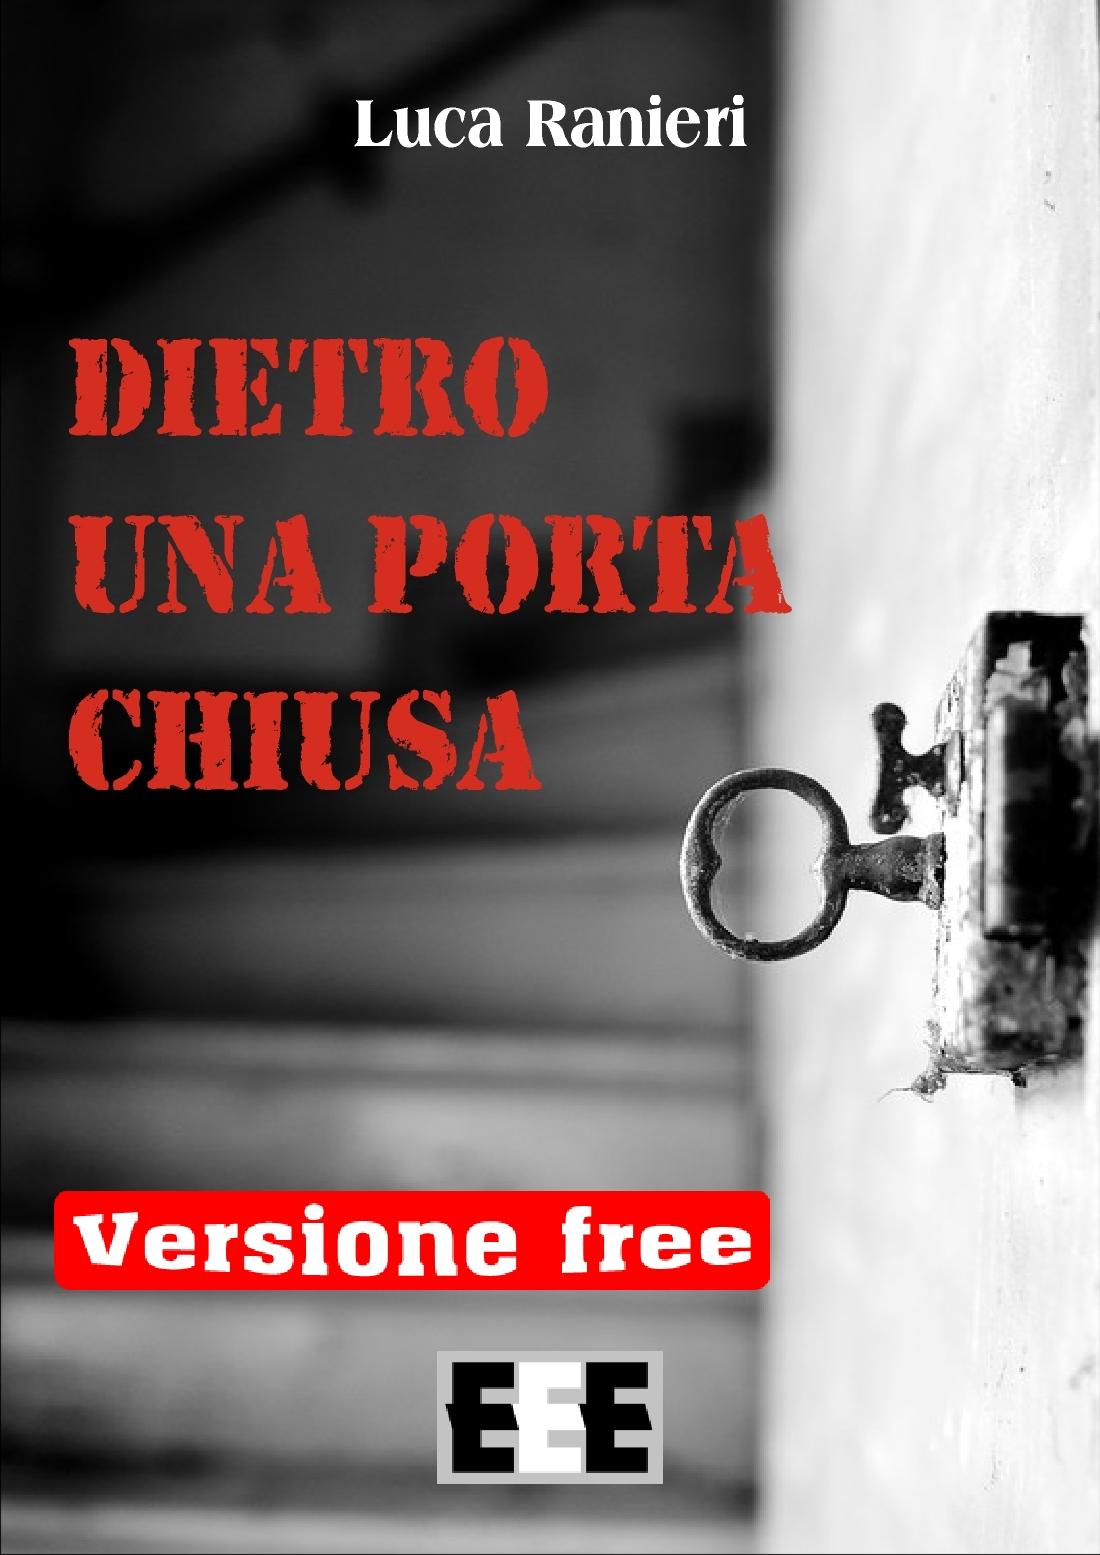 Dietro Una Porta Chiusa Versione Free Edizioni